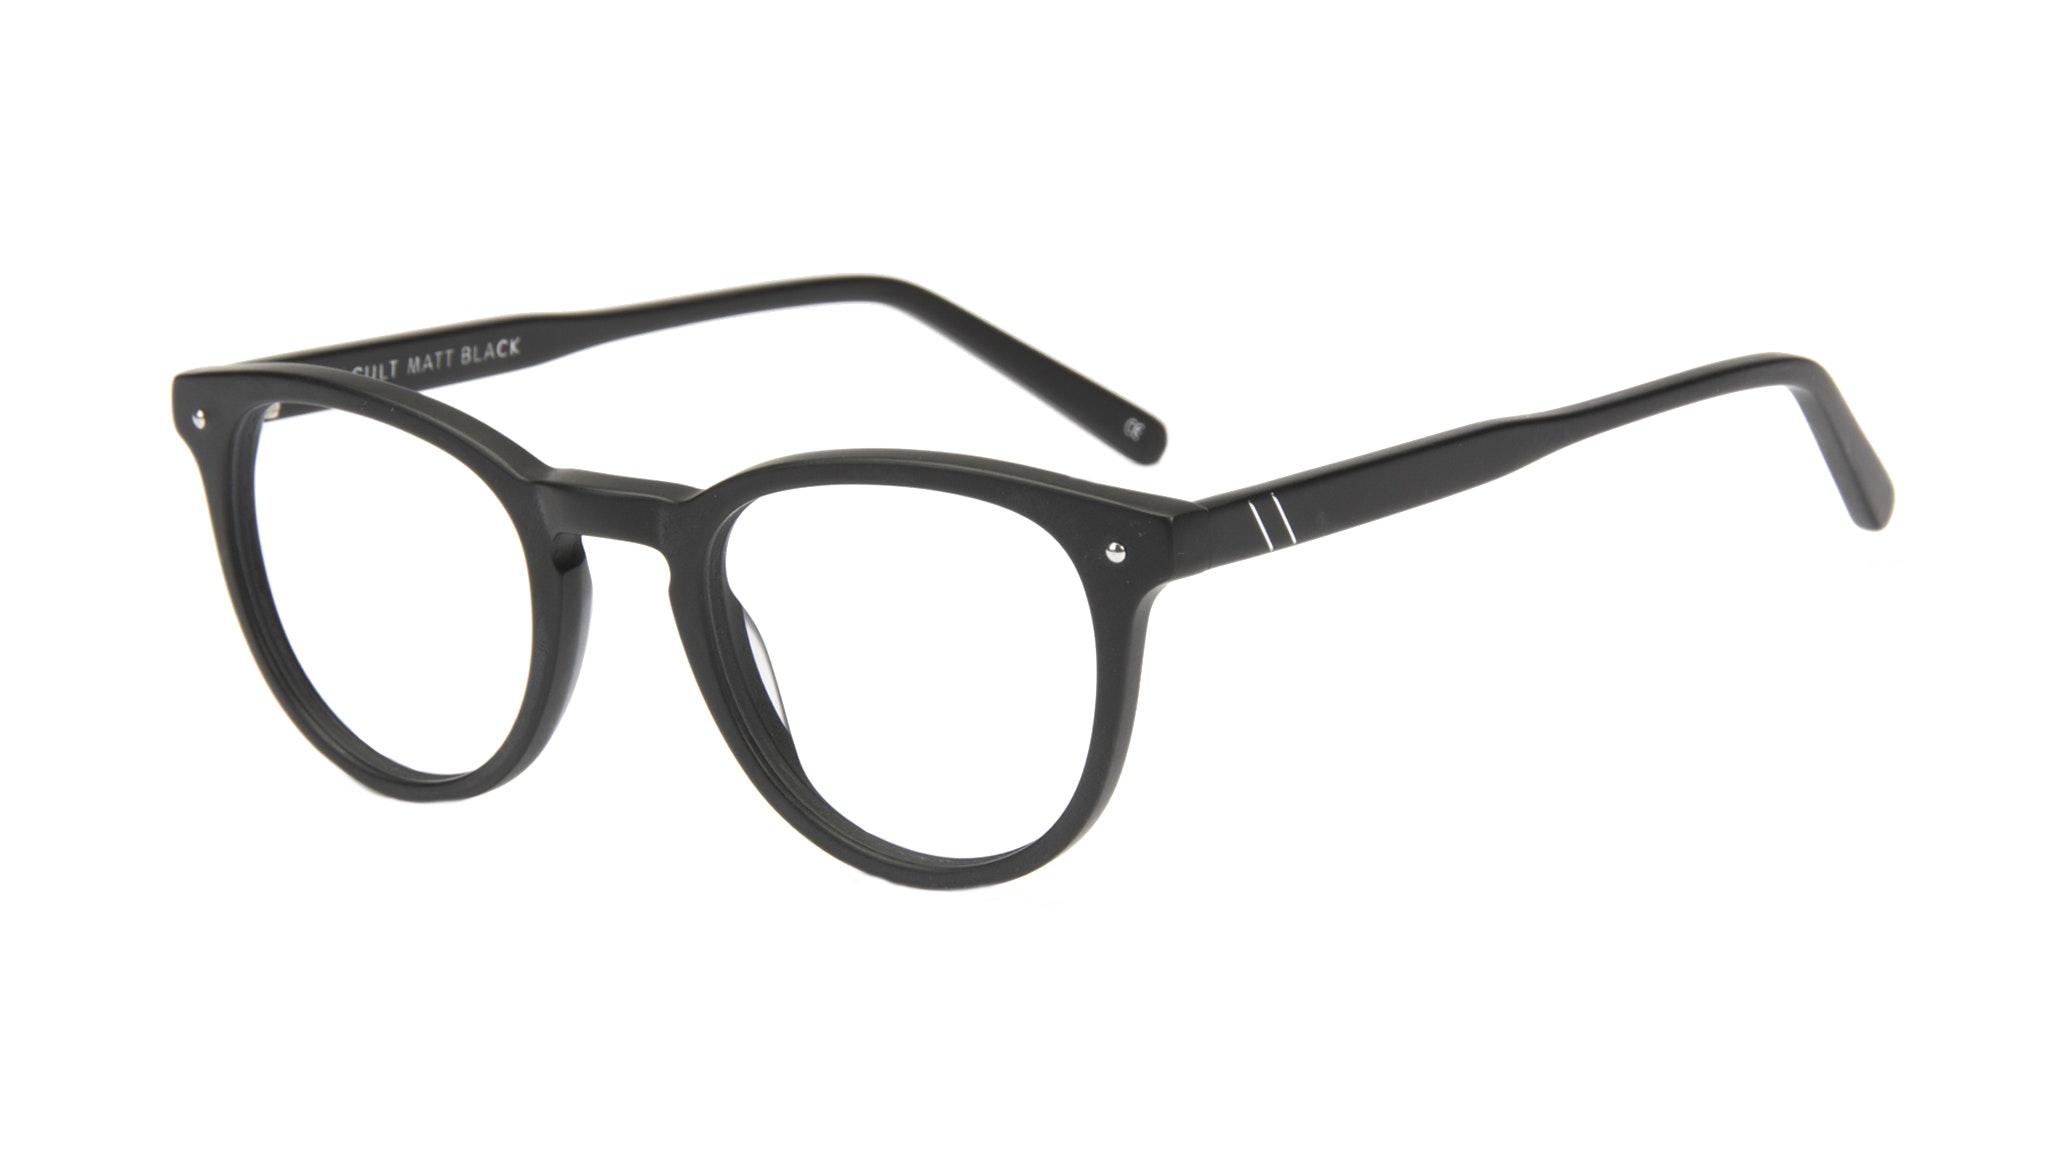 Affordable Fashion Glasses Round Eyeglasses Men Cult Matte Black Tilt